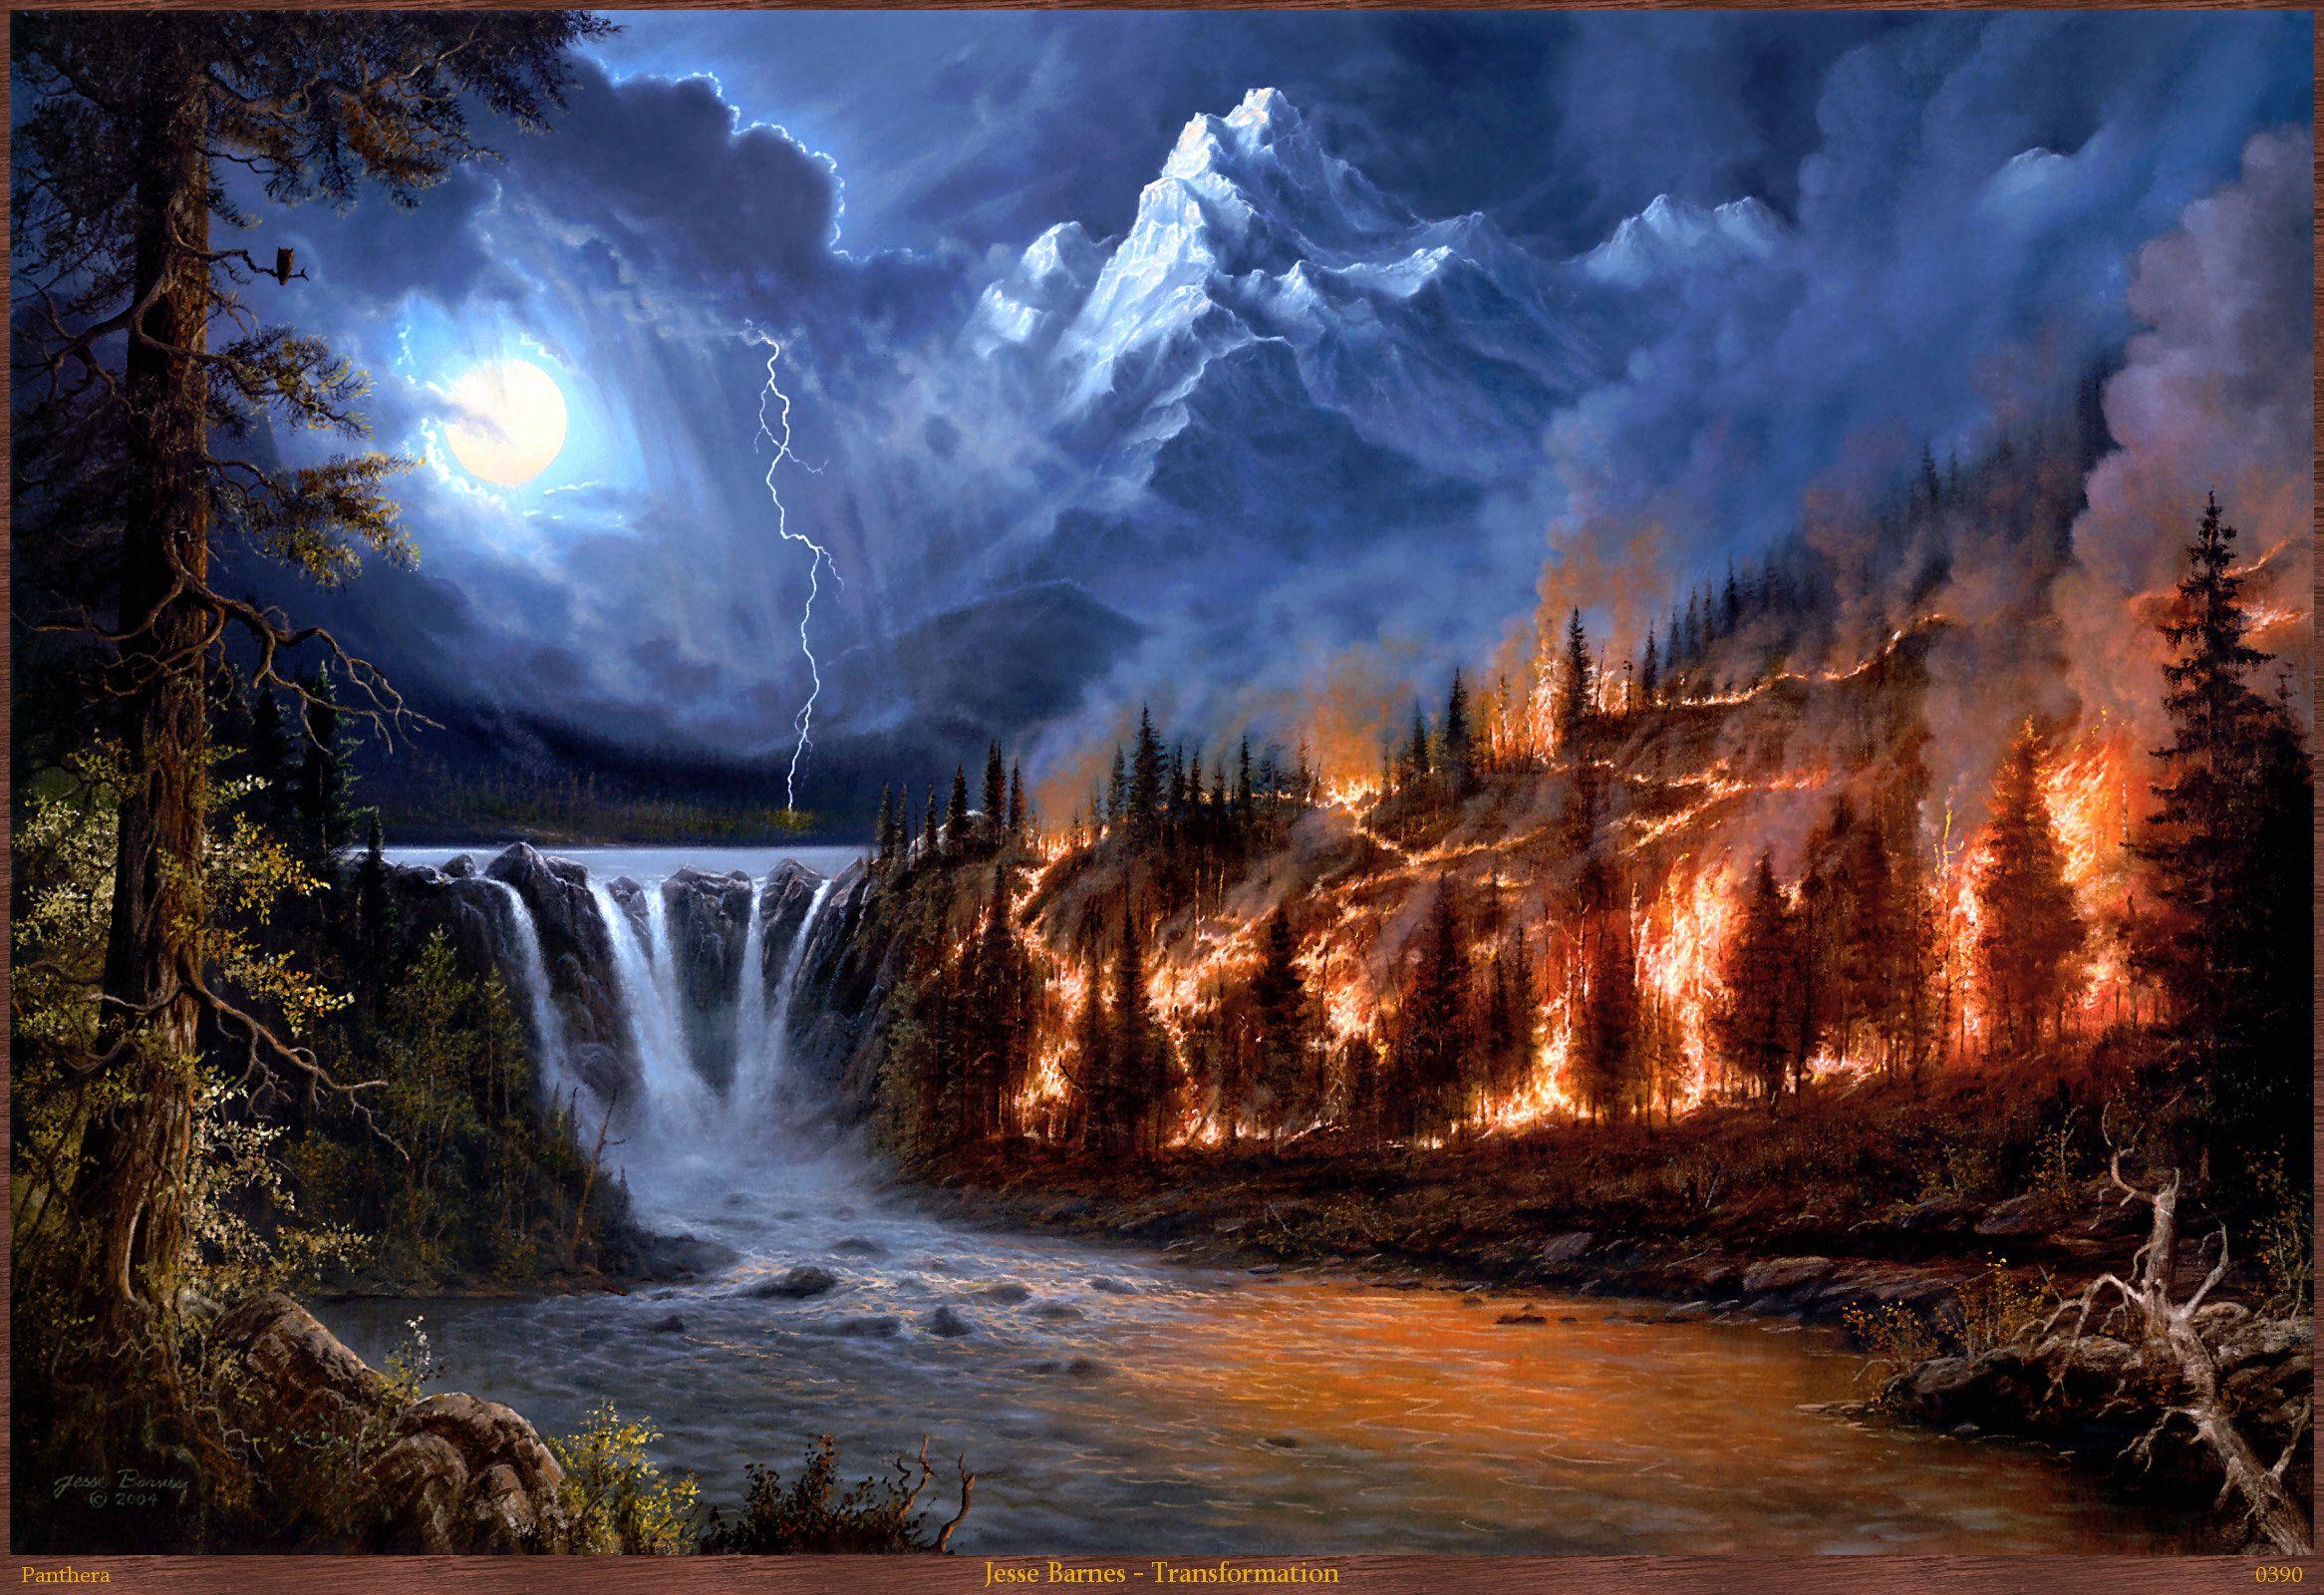 Elements Of Nature Desktop Nexus Wallpapers Landscape Mosaic Night Landscape Fire Painting